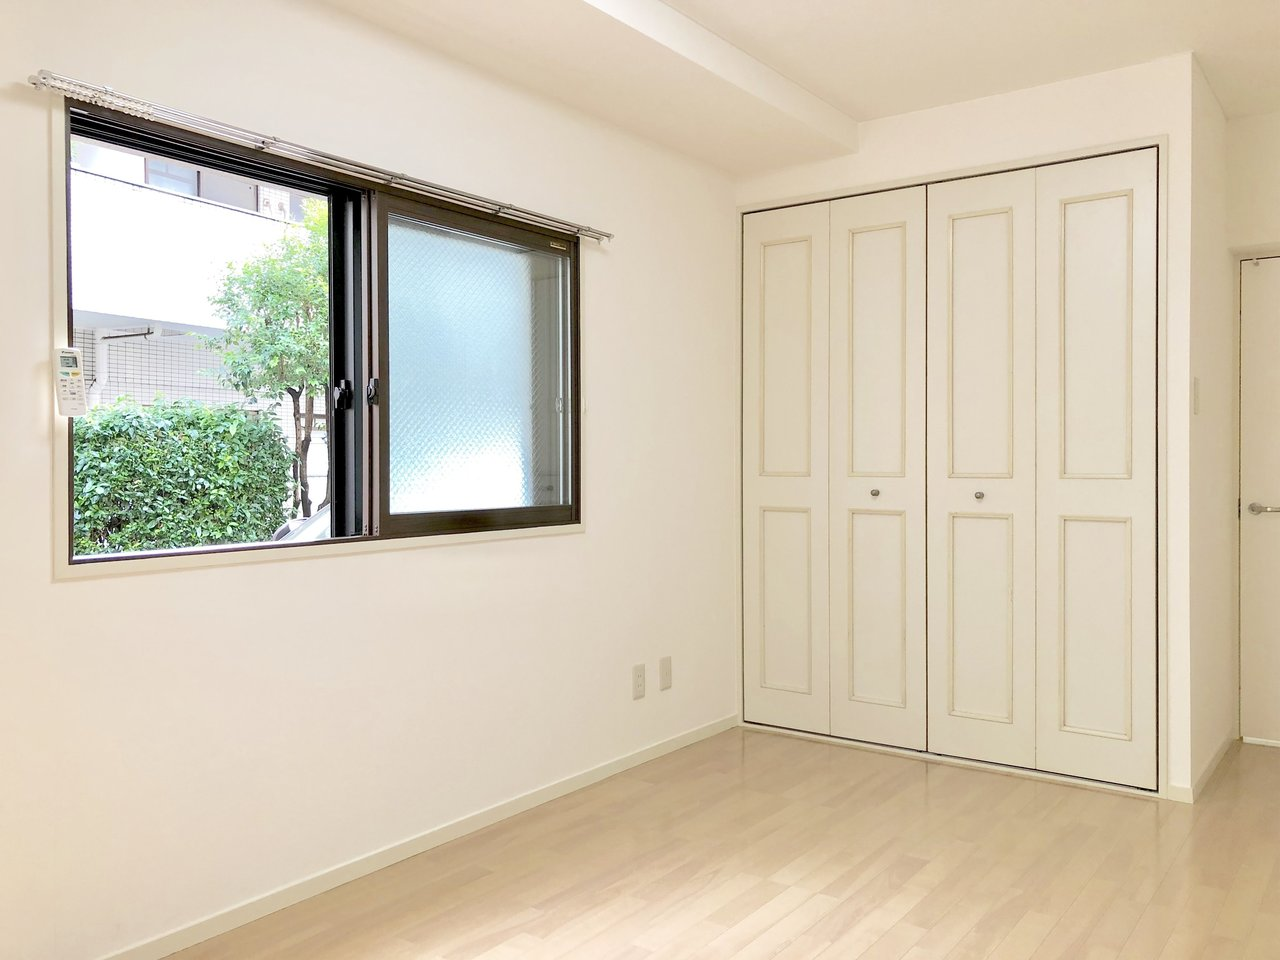 三軒茶屋から徒歩3分。まるで板チョコのようなかわいらしいデザインのクローゼットがあるこちらのお部屋は7.5畳あります。ひとりだったら十分な広さです。